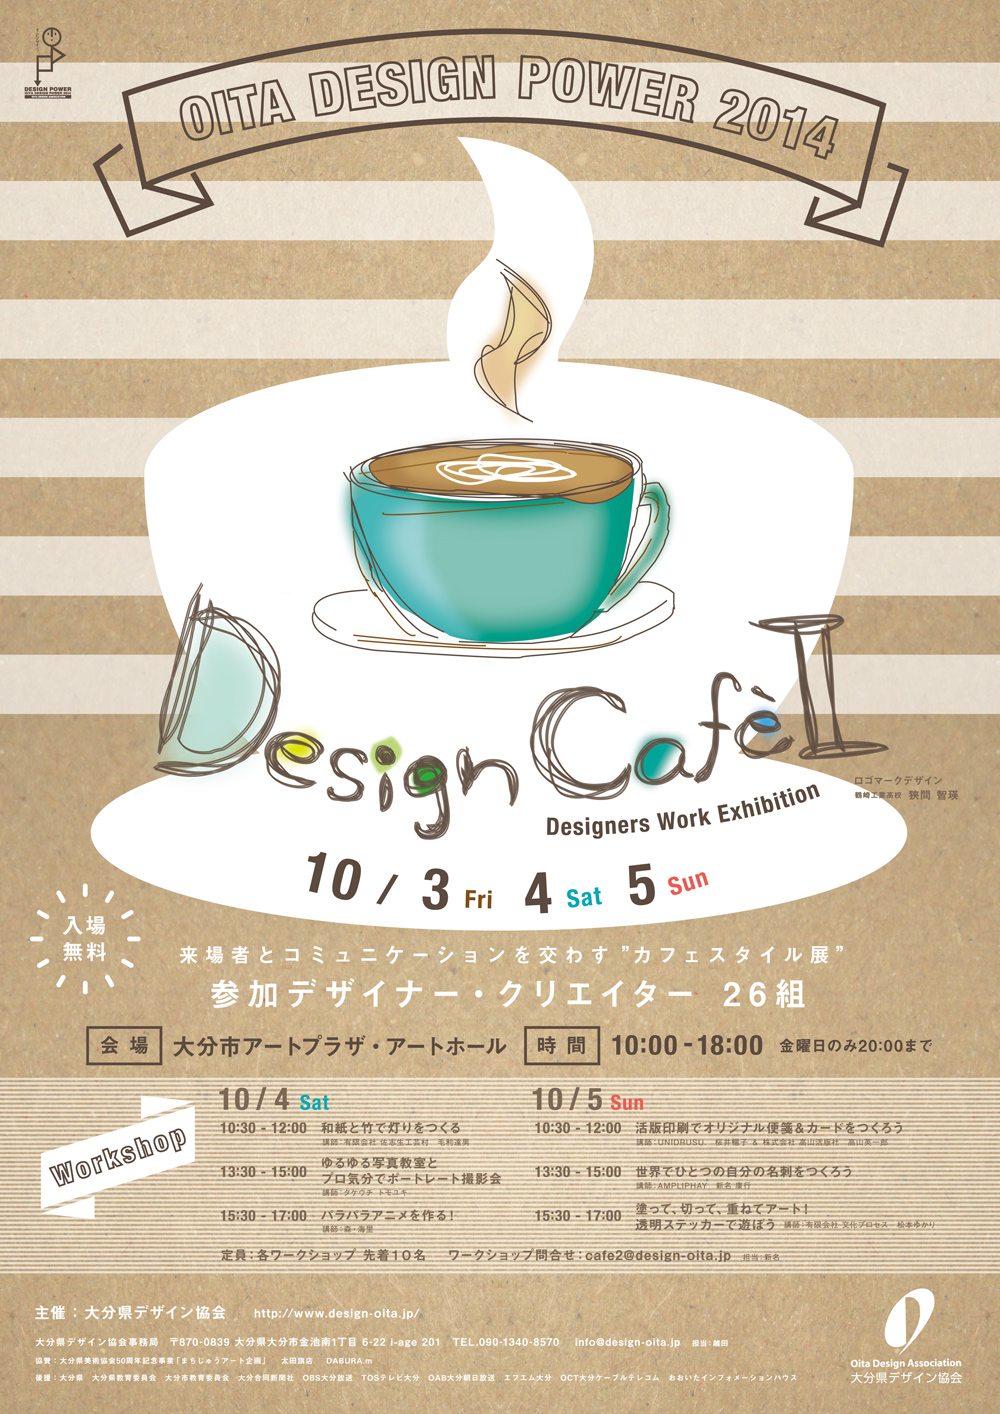 大分県デザイン協会_デザインカフェ2